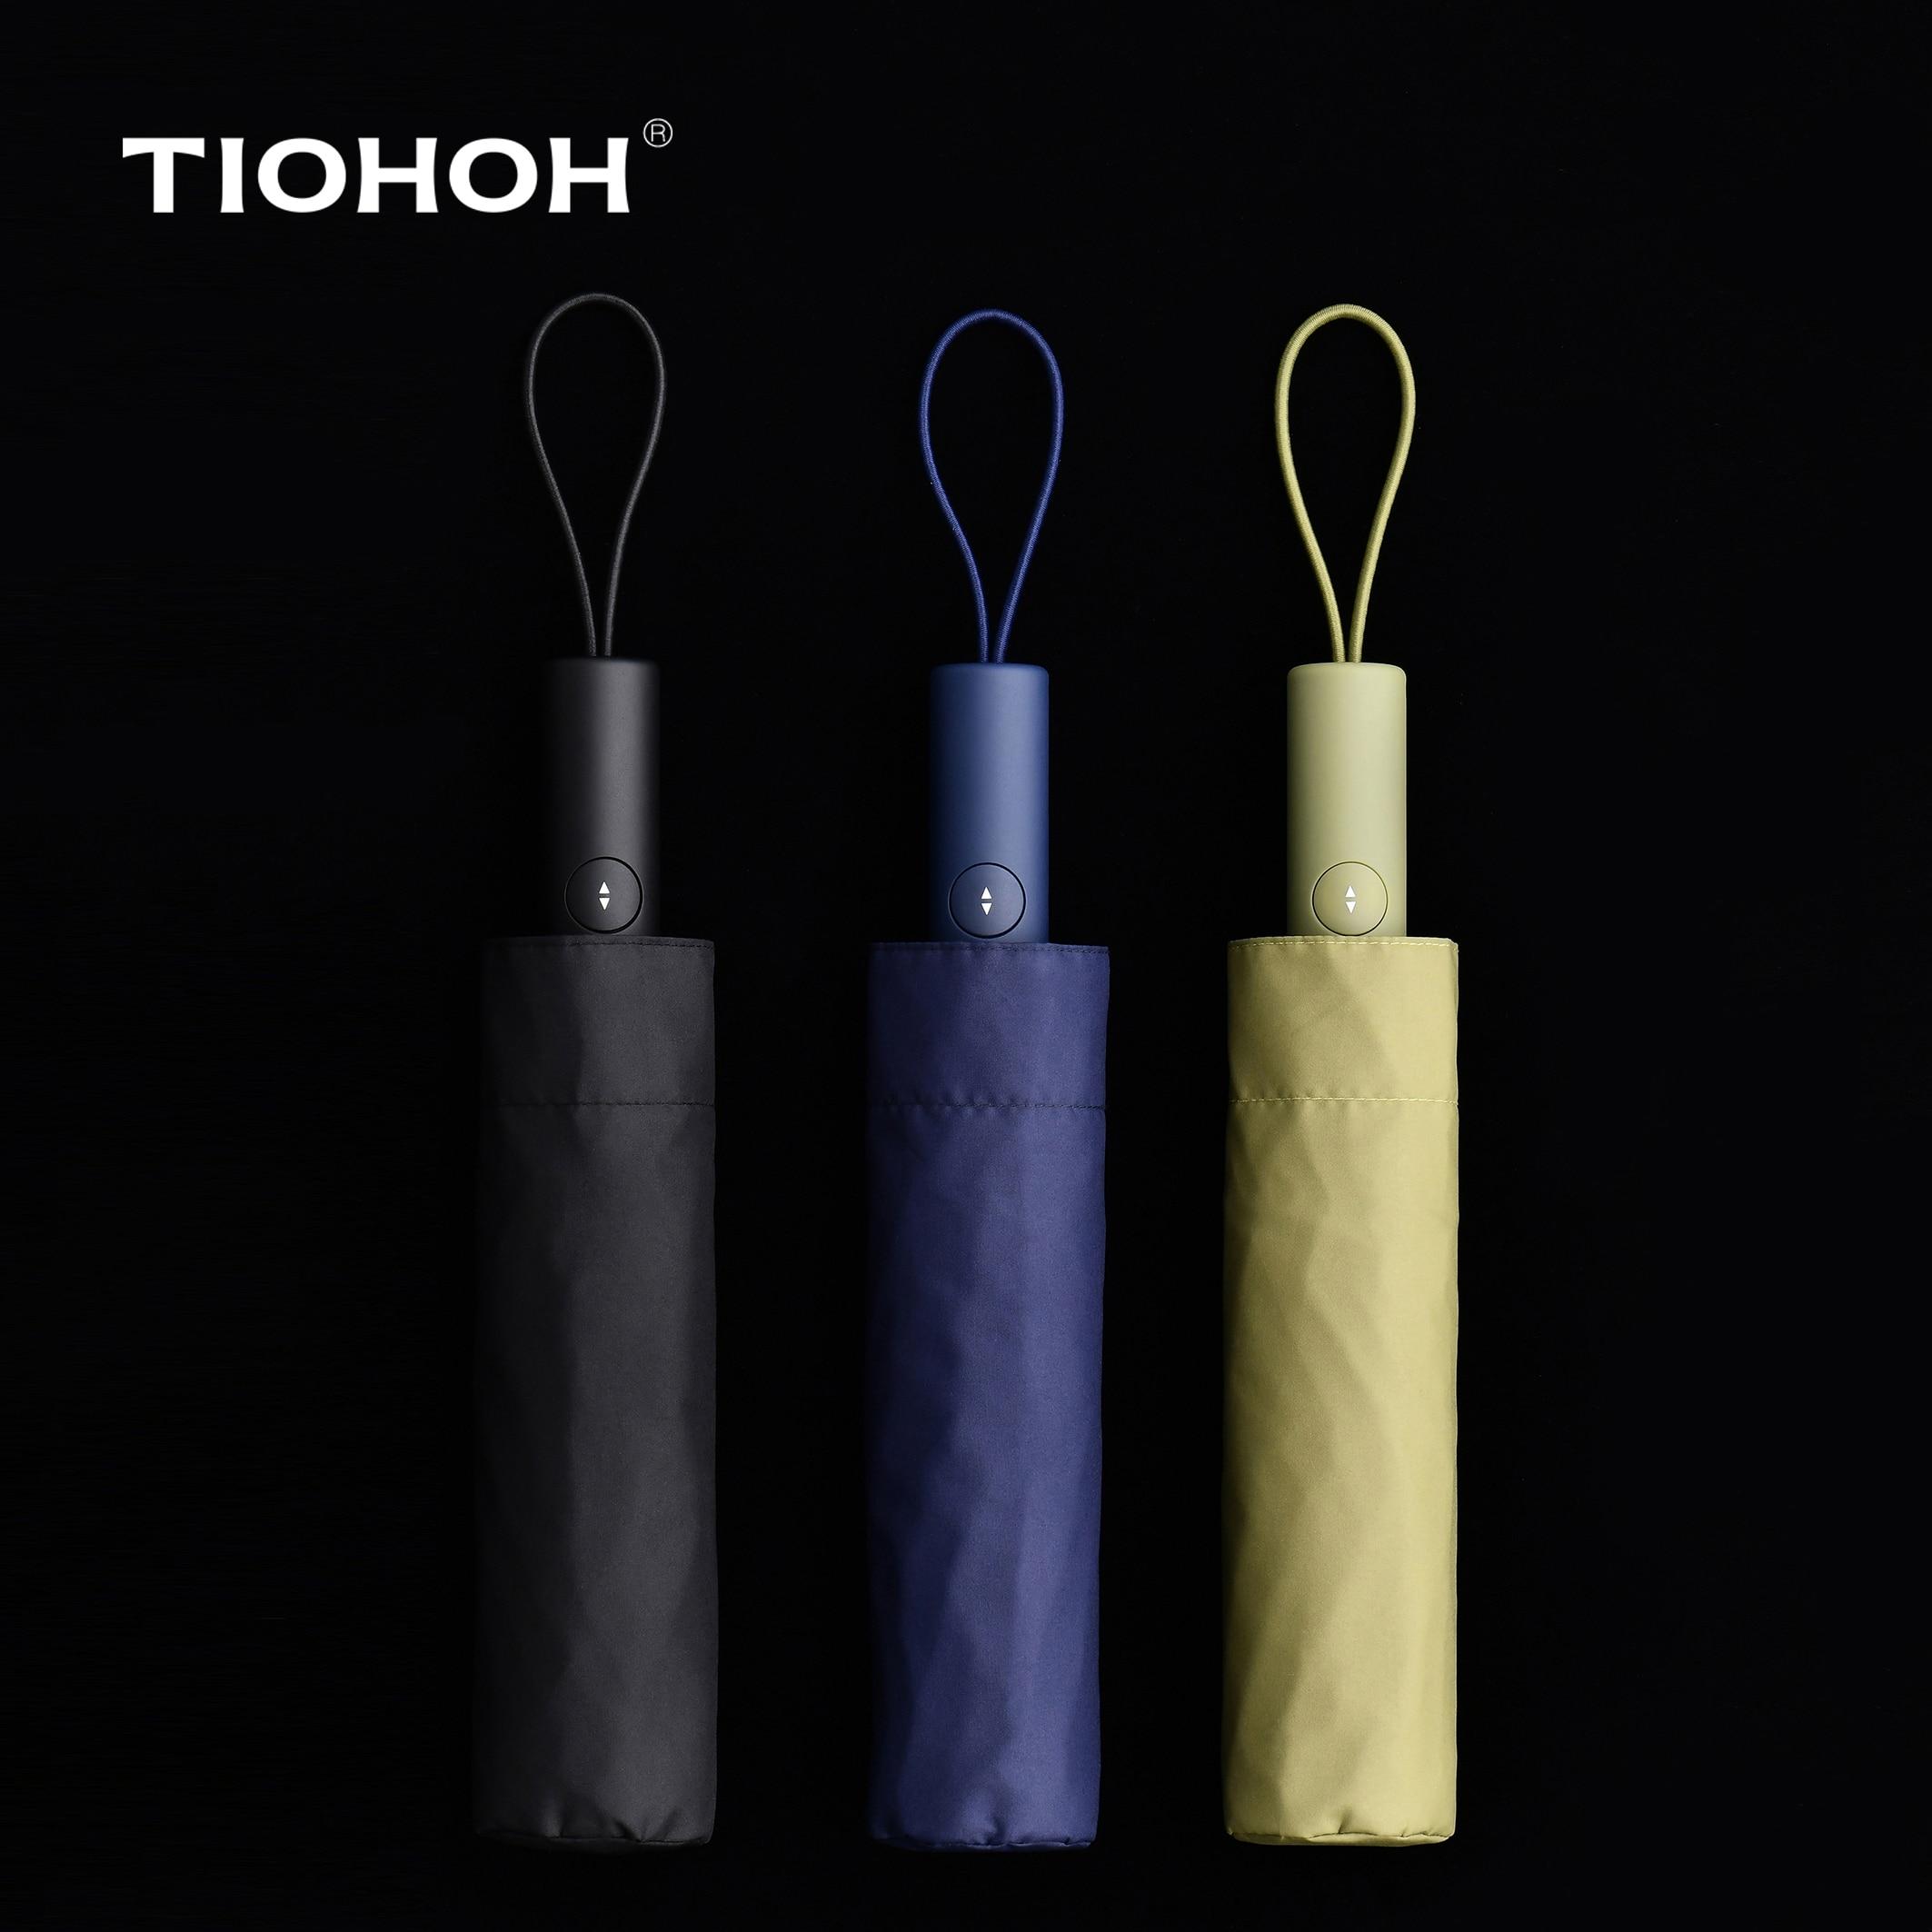 Tiohoh T3 Série Automatique Parapluie Hommes Femmes 190 T Téflon Pongé Tissu Pliant Pluie Parapluie Coupe-Vent 8 K Simple Paraguas mâle